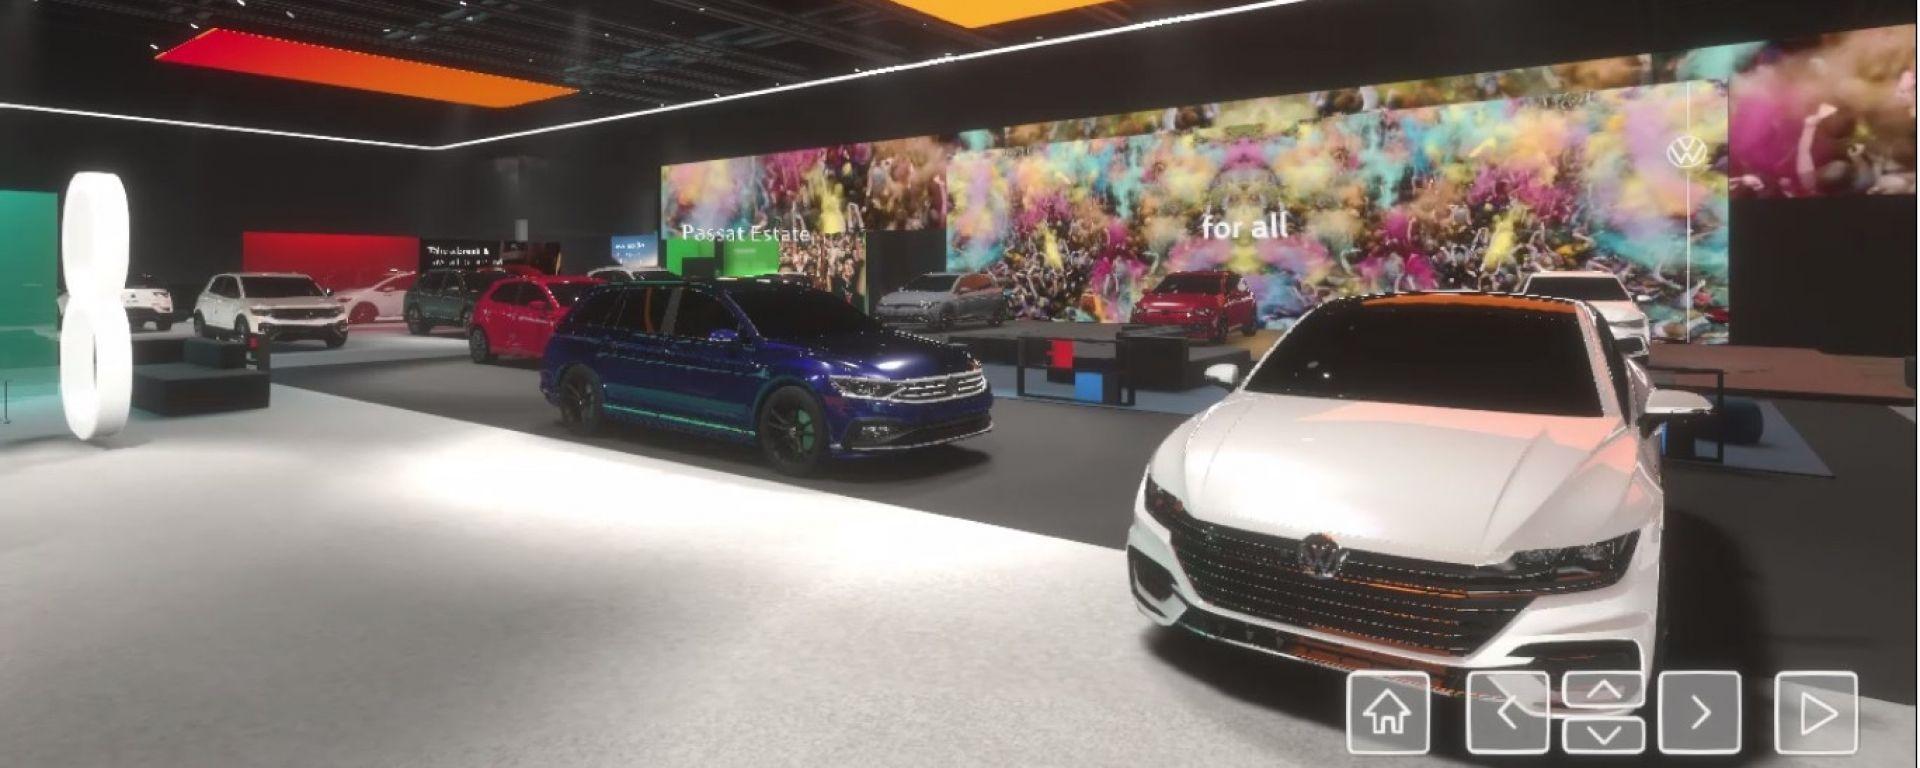 Volkswagen, lo stand virtuale del Salone di Ginevra 2020: tutto da navigare